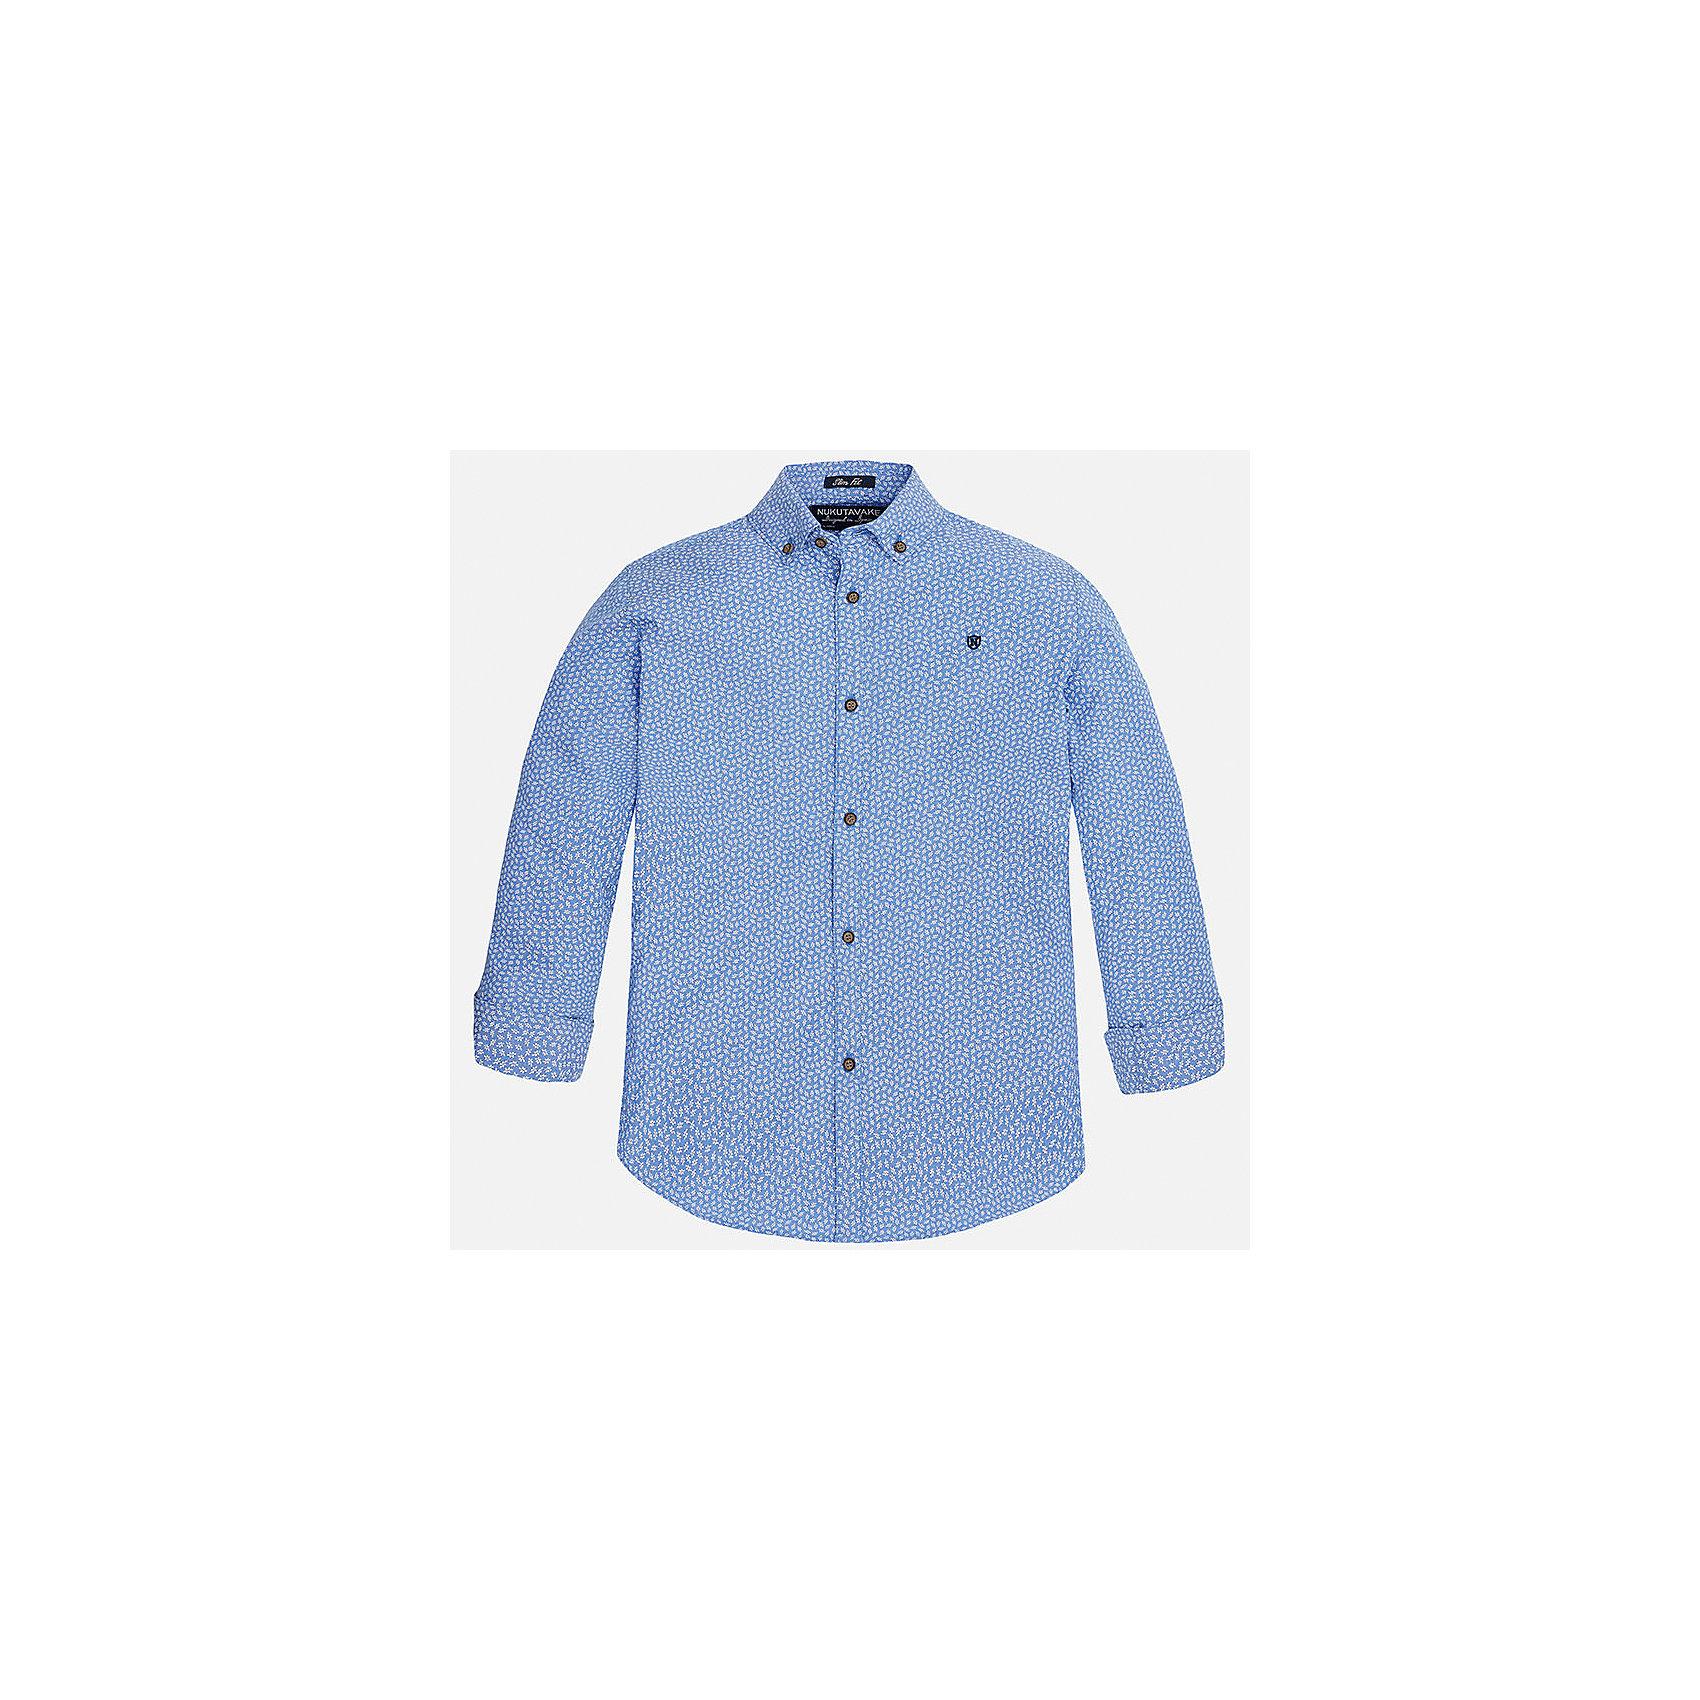 Рубашка для мальчика MayoralБлузки и рубашки<br>Характеристики товара:<br><br>• цвет: голубой<br>• состав: 100% хлопок<br>• отложной воротник<br>• декорирована вышивкой на груди<br>• рукава с отворотами<br>• застежки: пуговицы<br>• страна бренда: Испания<br><br>Модная рубашка поможет разнообразить гардероб мальчика. Она отлично сочетается с брюками, шортами, джинсами. Универсальный крой и цвет позволяет подобрать к вещи низ разных расцветок. Практичное и стильное изделие! Хорошо смотрится и комфортно сидит на детях. В составе материала - только натуральный хлопок, гипоаллергенный, приятный на ощупь, дышащий. <br><br>Одежда, обувь и аксессуары от испанского бренда Mayoral полюбились детям и взрослым по всему миру. Модели этой марки - стильные и удобные. Для их производства используются только безопасные, качественные материалы и фурнитура. Порадуйте ребенка модными и красивыми вещами от Mayoral! <br><br>Рубашку для мальчика от испанского бренда Mayoral (Майорал) можно купить в нашем интернет-магазине.<br><br>Ширина мм: 174<br>Глубина мм: 10<br>Высота мм: 169<br>Вес г: 157<br>Цвет: голубой<br>Возраст от месяцев: 132<br>Возраст до месяцев: 144<br>Пол: Мужской<br>Возраст: Детский<br>Размер: 158,152,140,128/134,170,164<br>SKU: 5281673